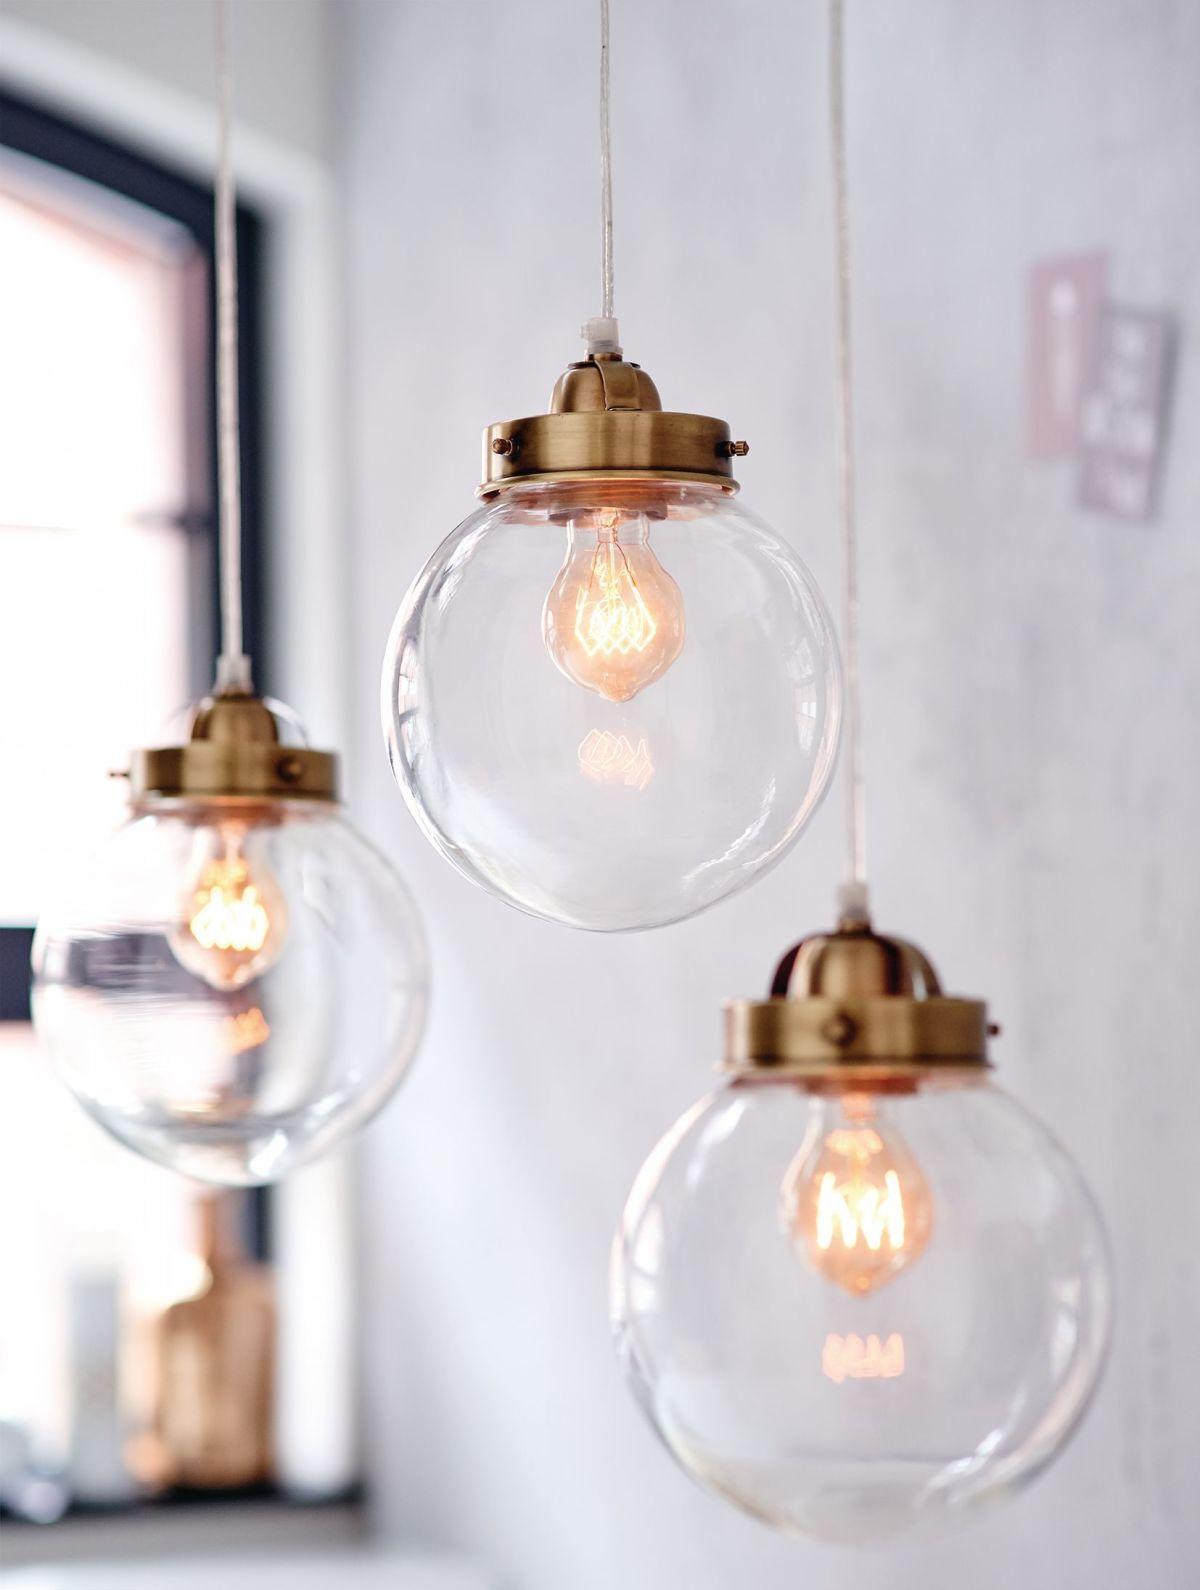 Deckenleuchte Glas Deckenleuchten Beleuchtung Living Schone Lampen Lampen Lampen Wohnzimmer